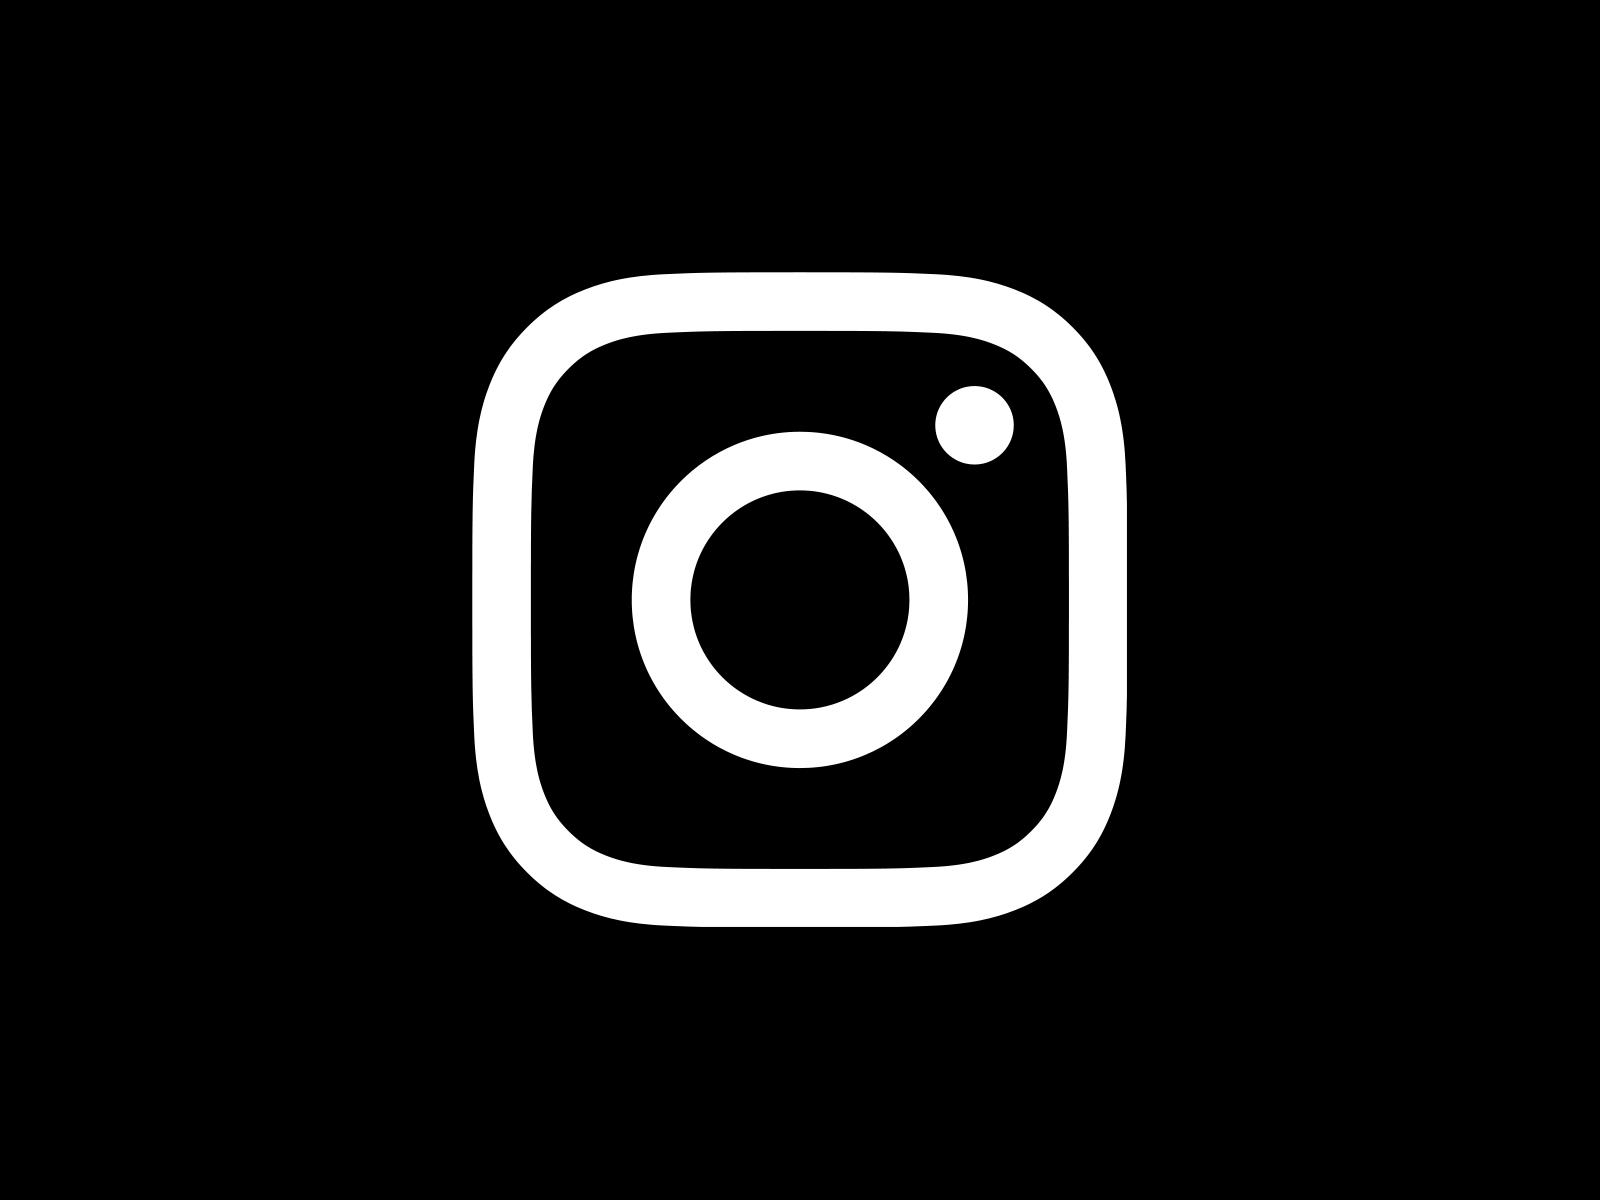 Instagram Vector PNG - 115423